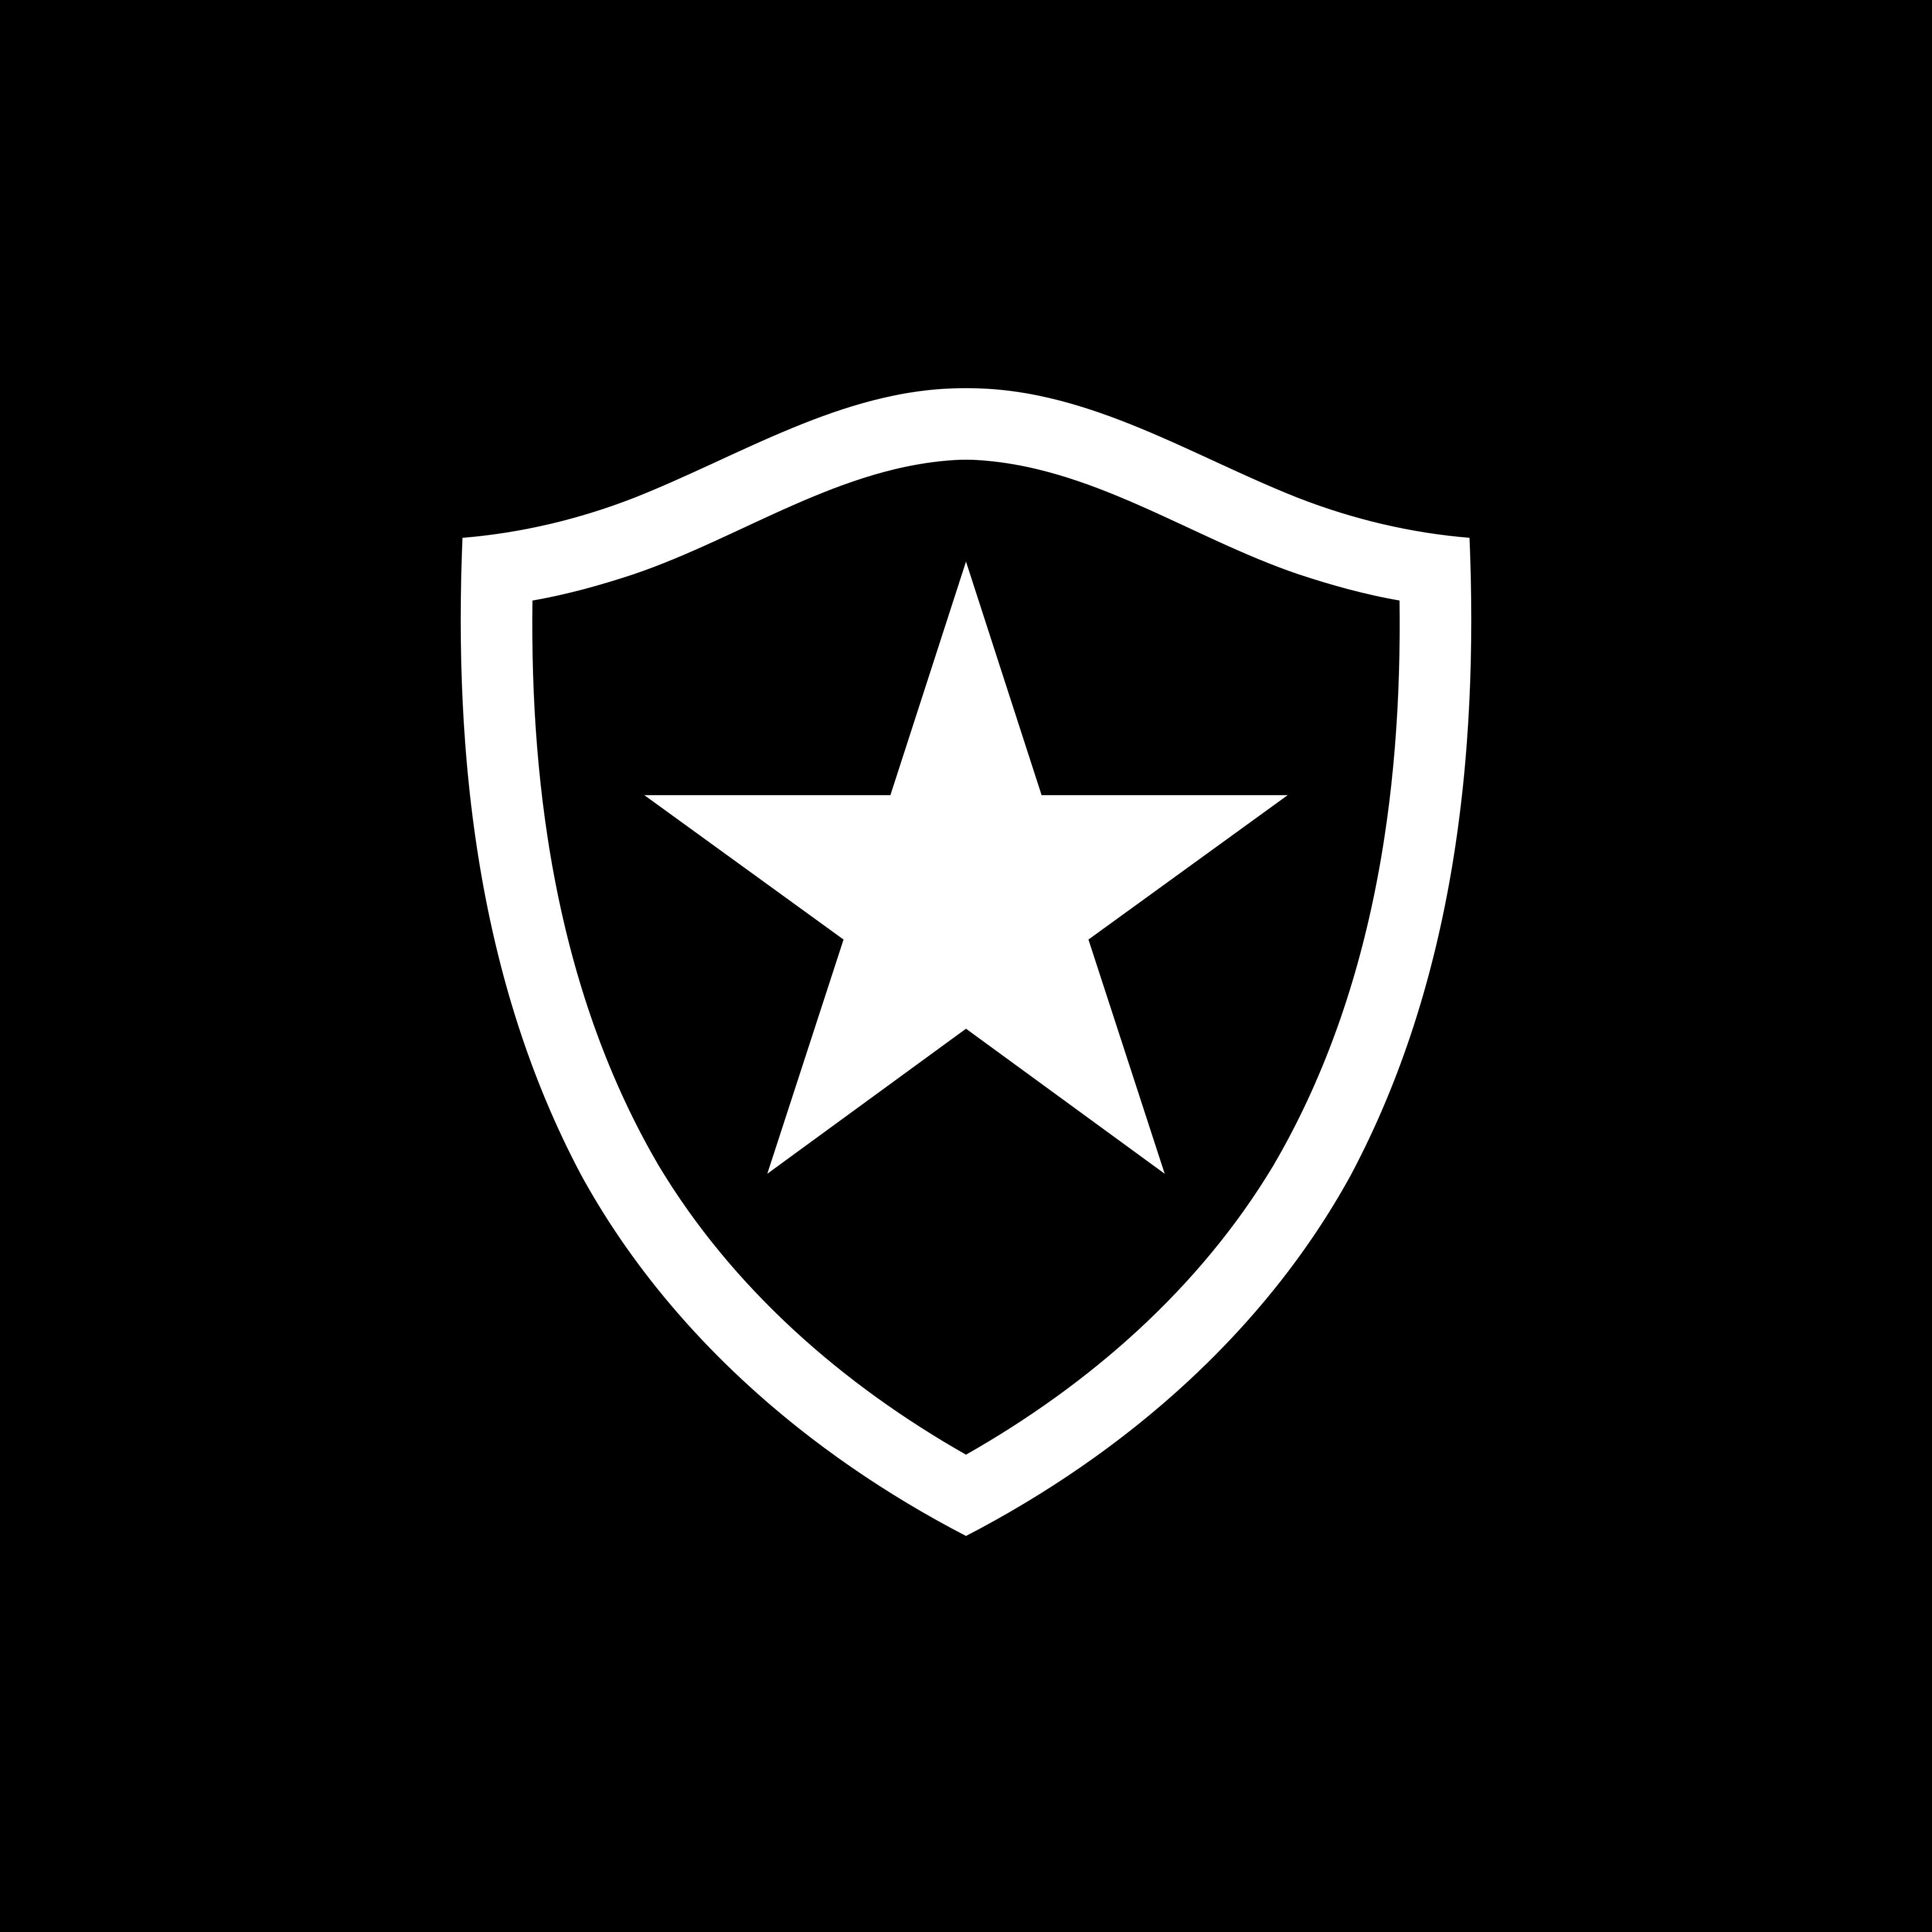 botafogo logo 0 - Botafogo Logo - Escudo